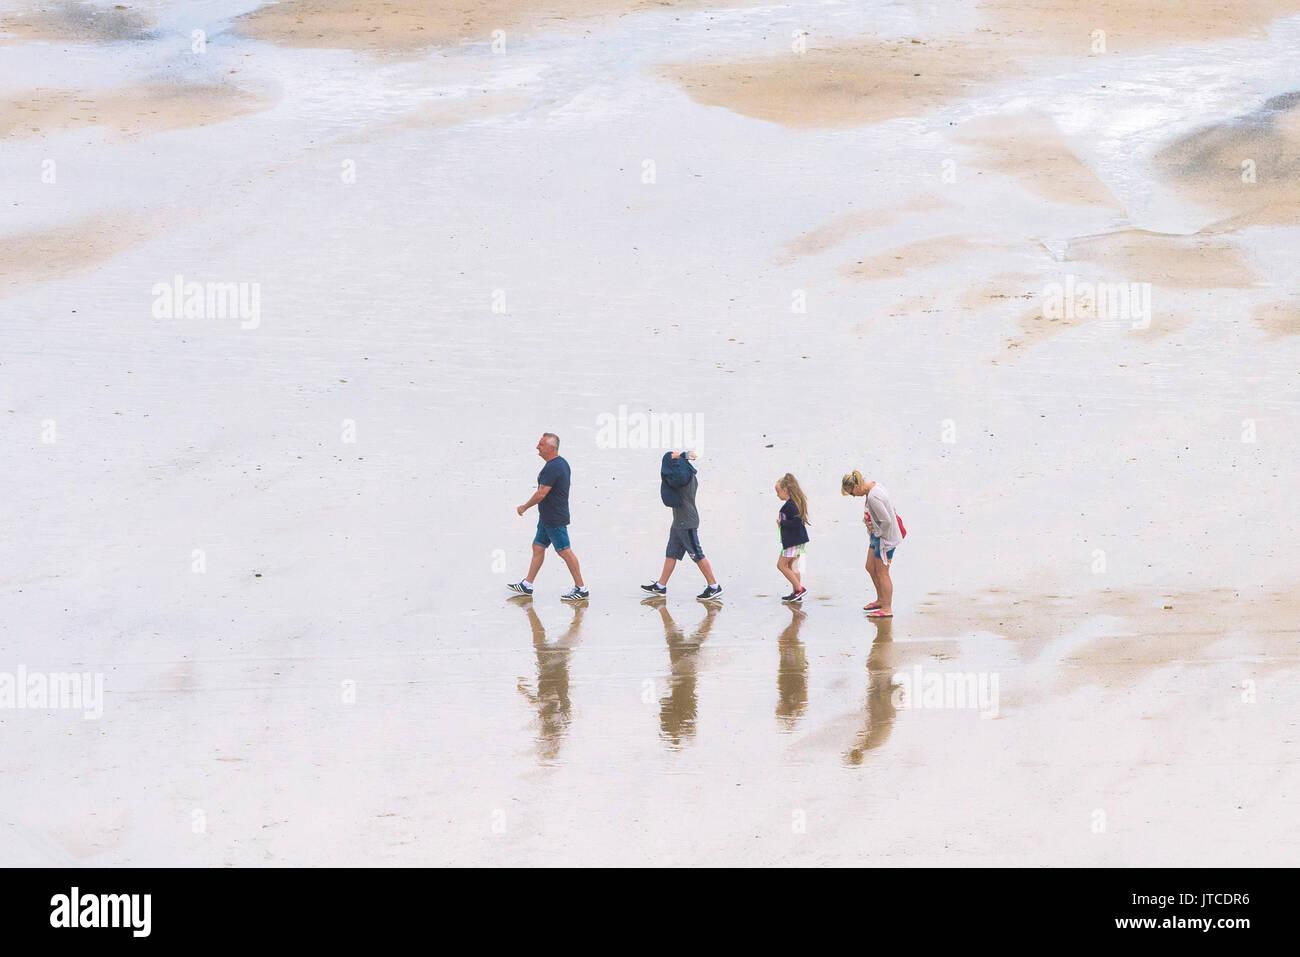 Une famille de vacanciers marcher en file indienne sur une plage à newquay, Cornwall. Photo Stock